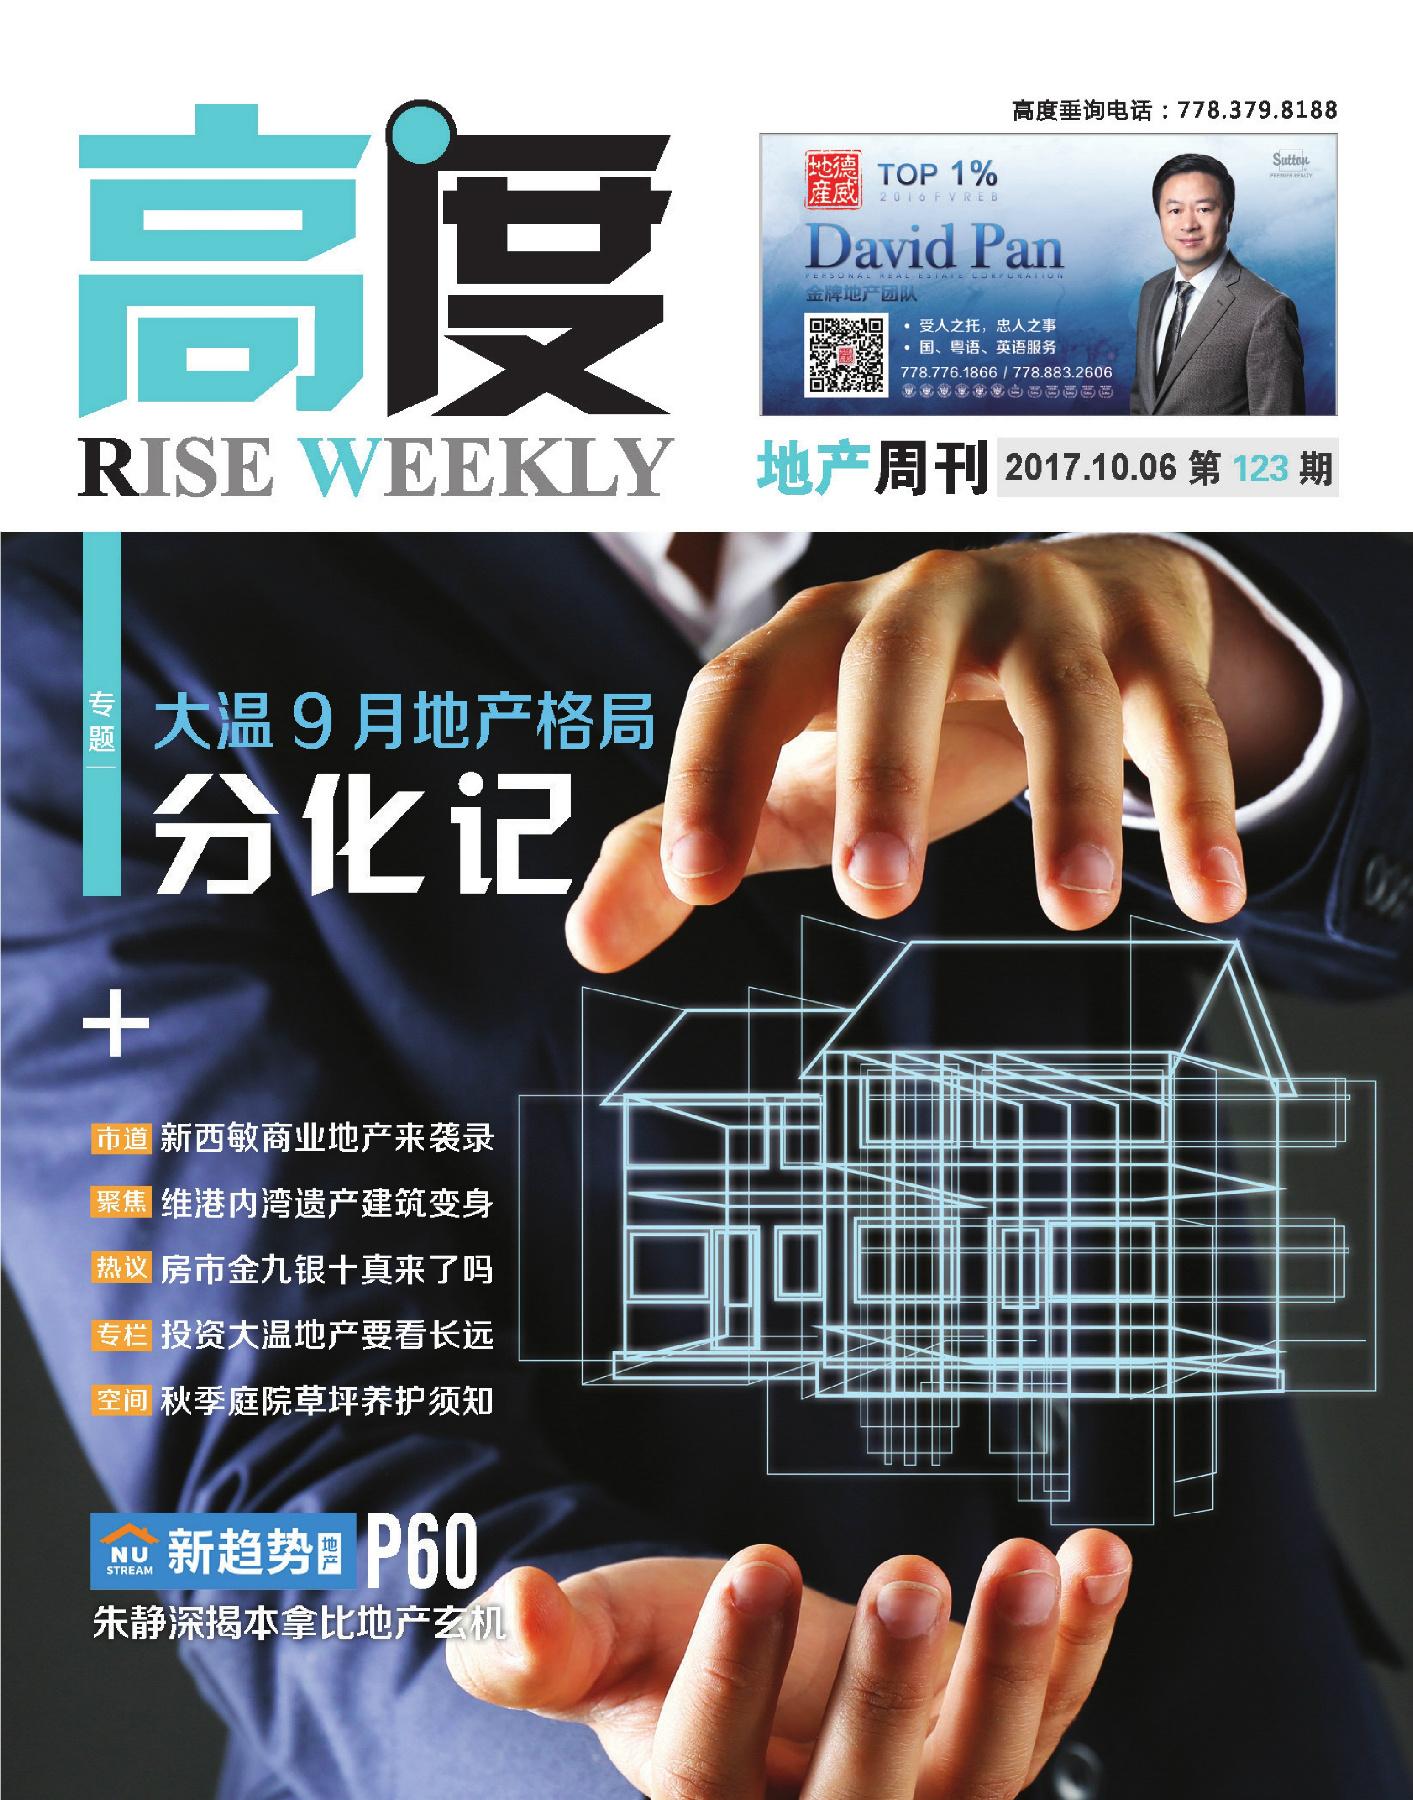 高度地产周刊 2017年10月06日 第123期